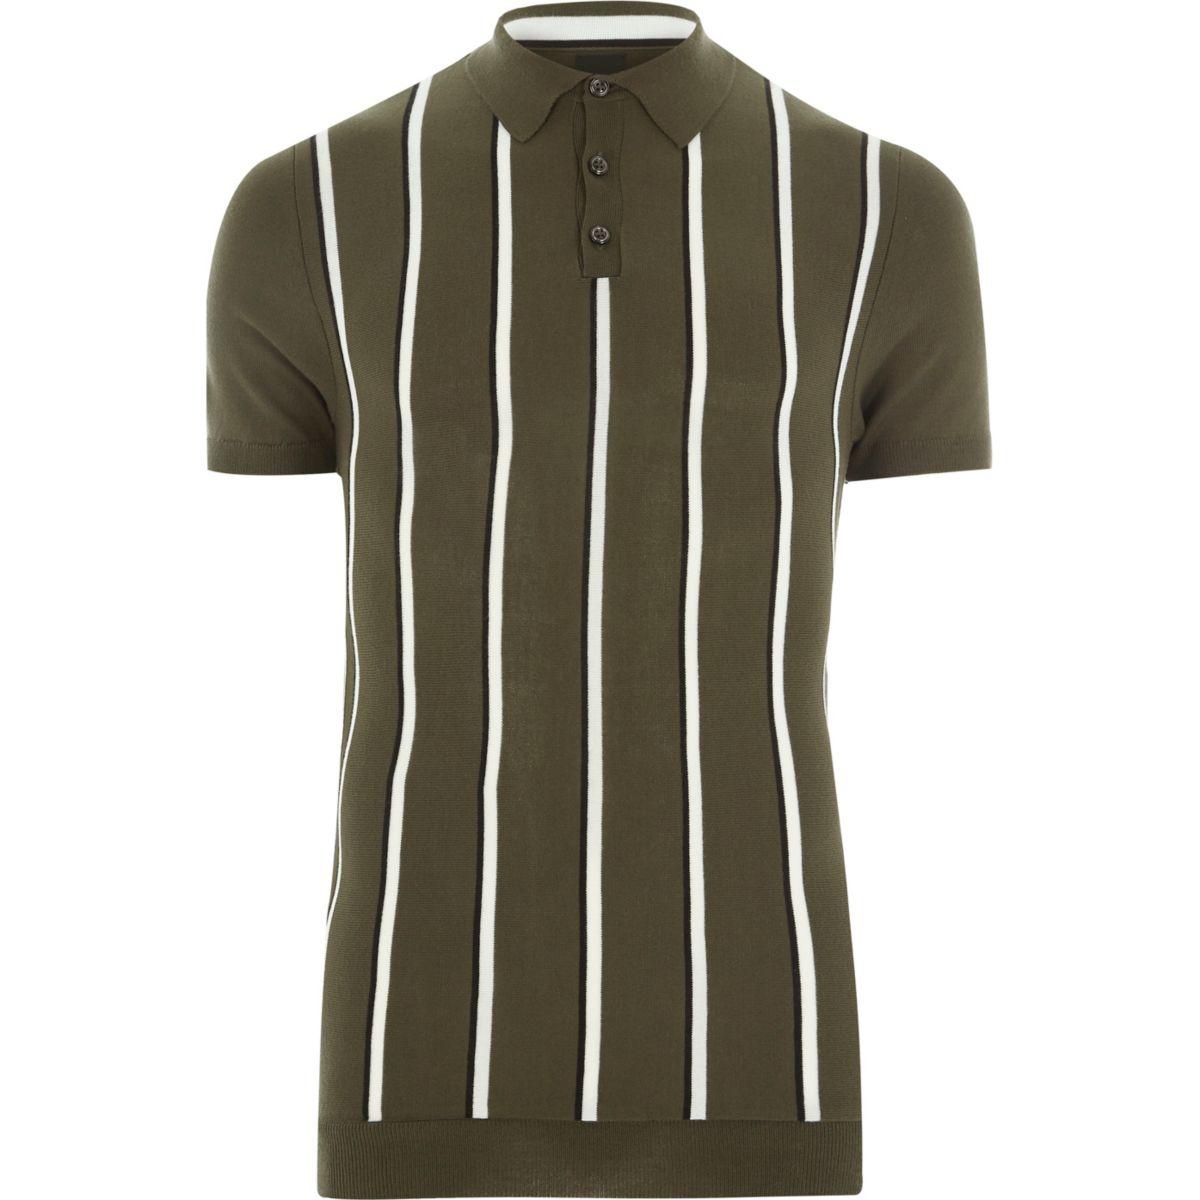 Khaki green stripe muscle fit polo shirt